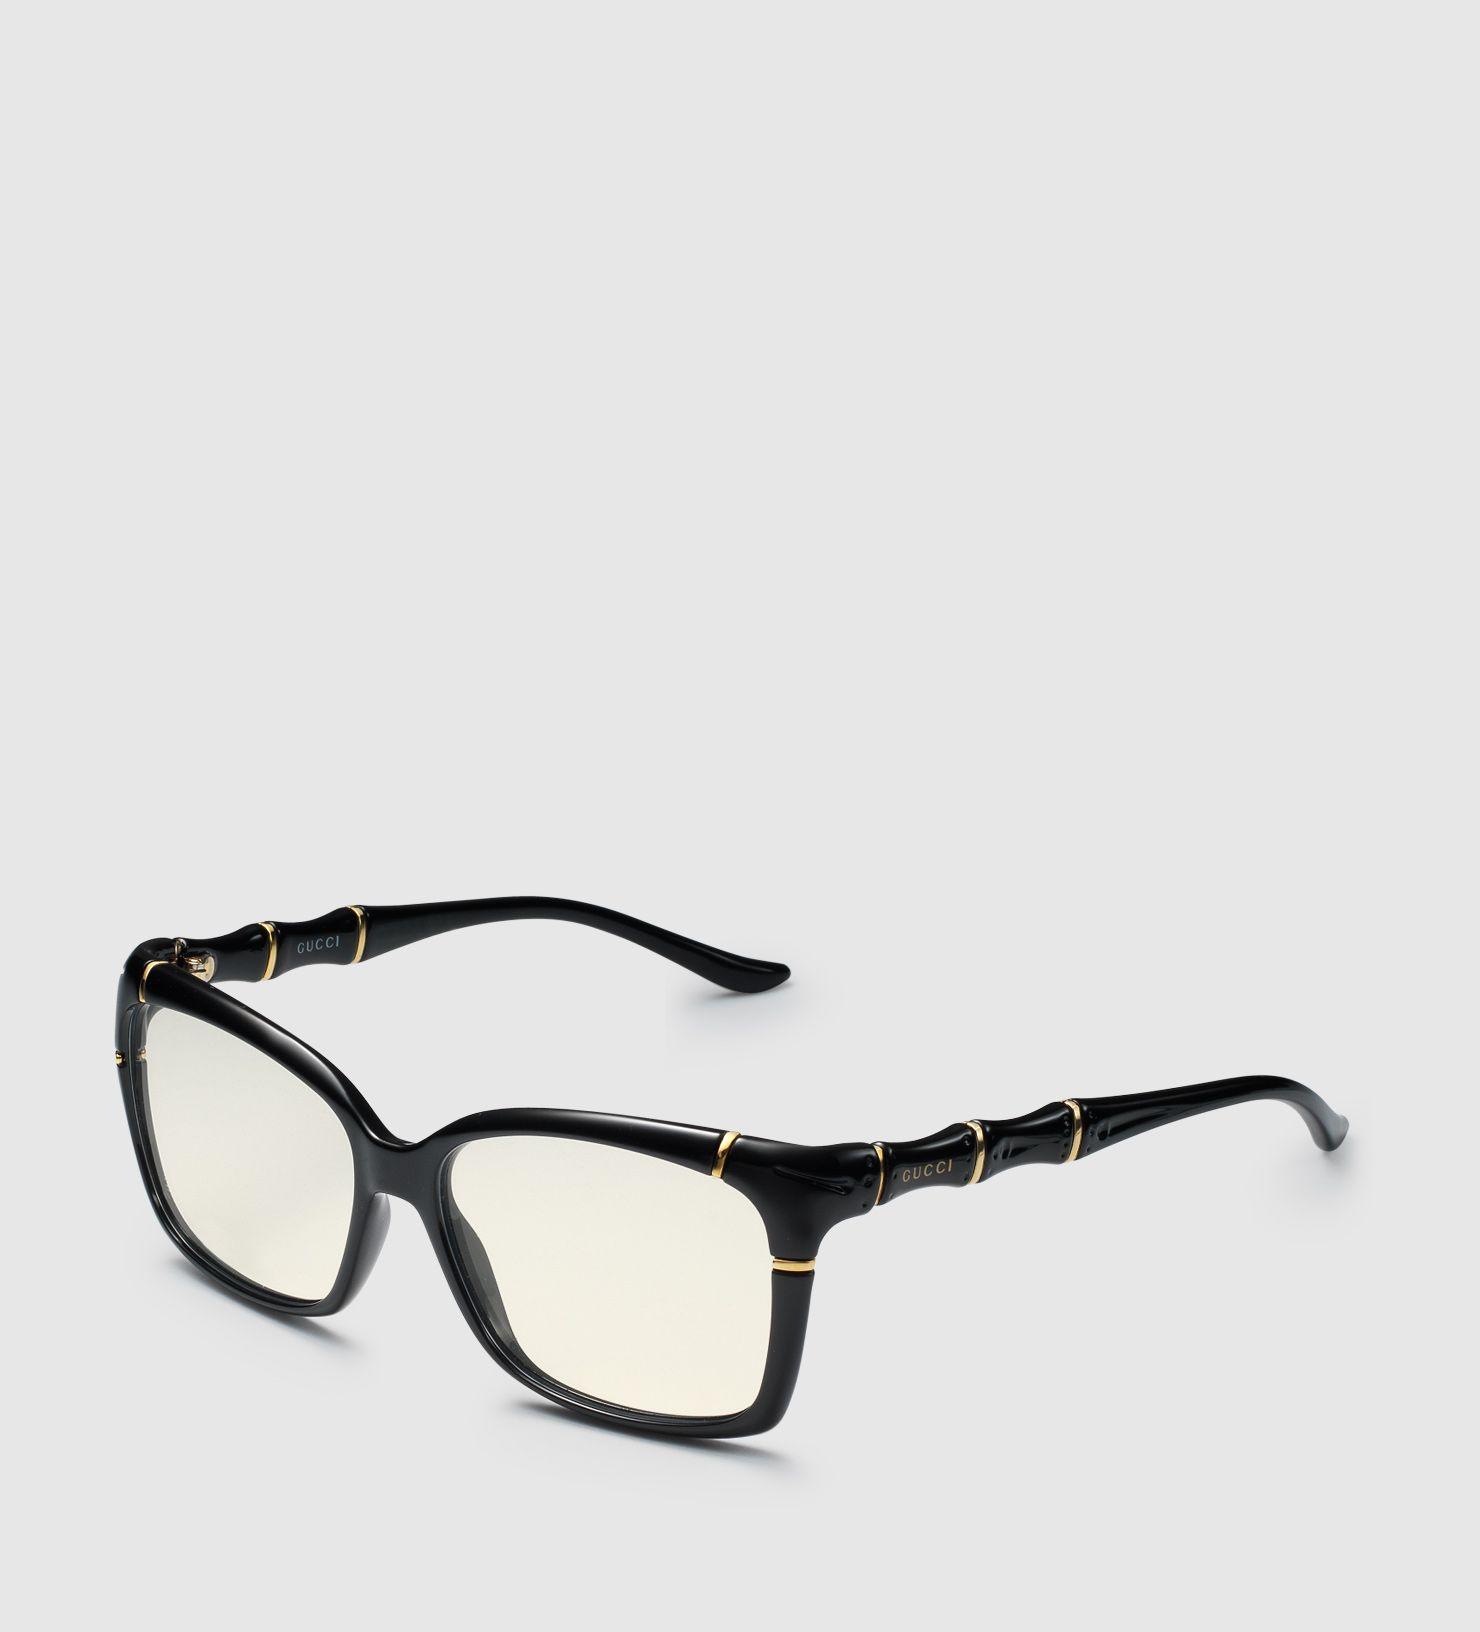 d4d7028831d bamboo effect black frame